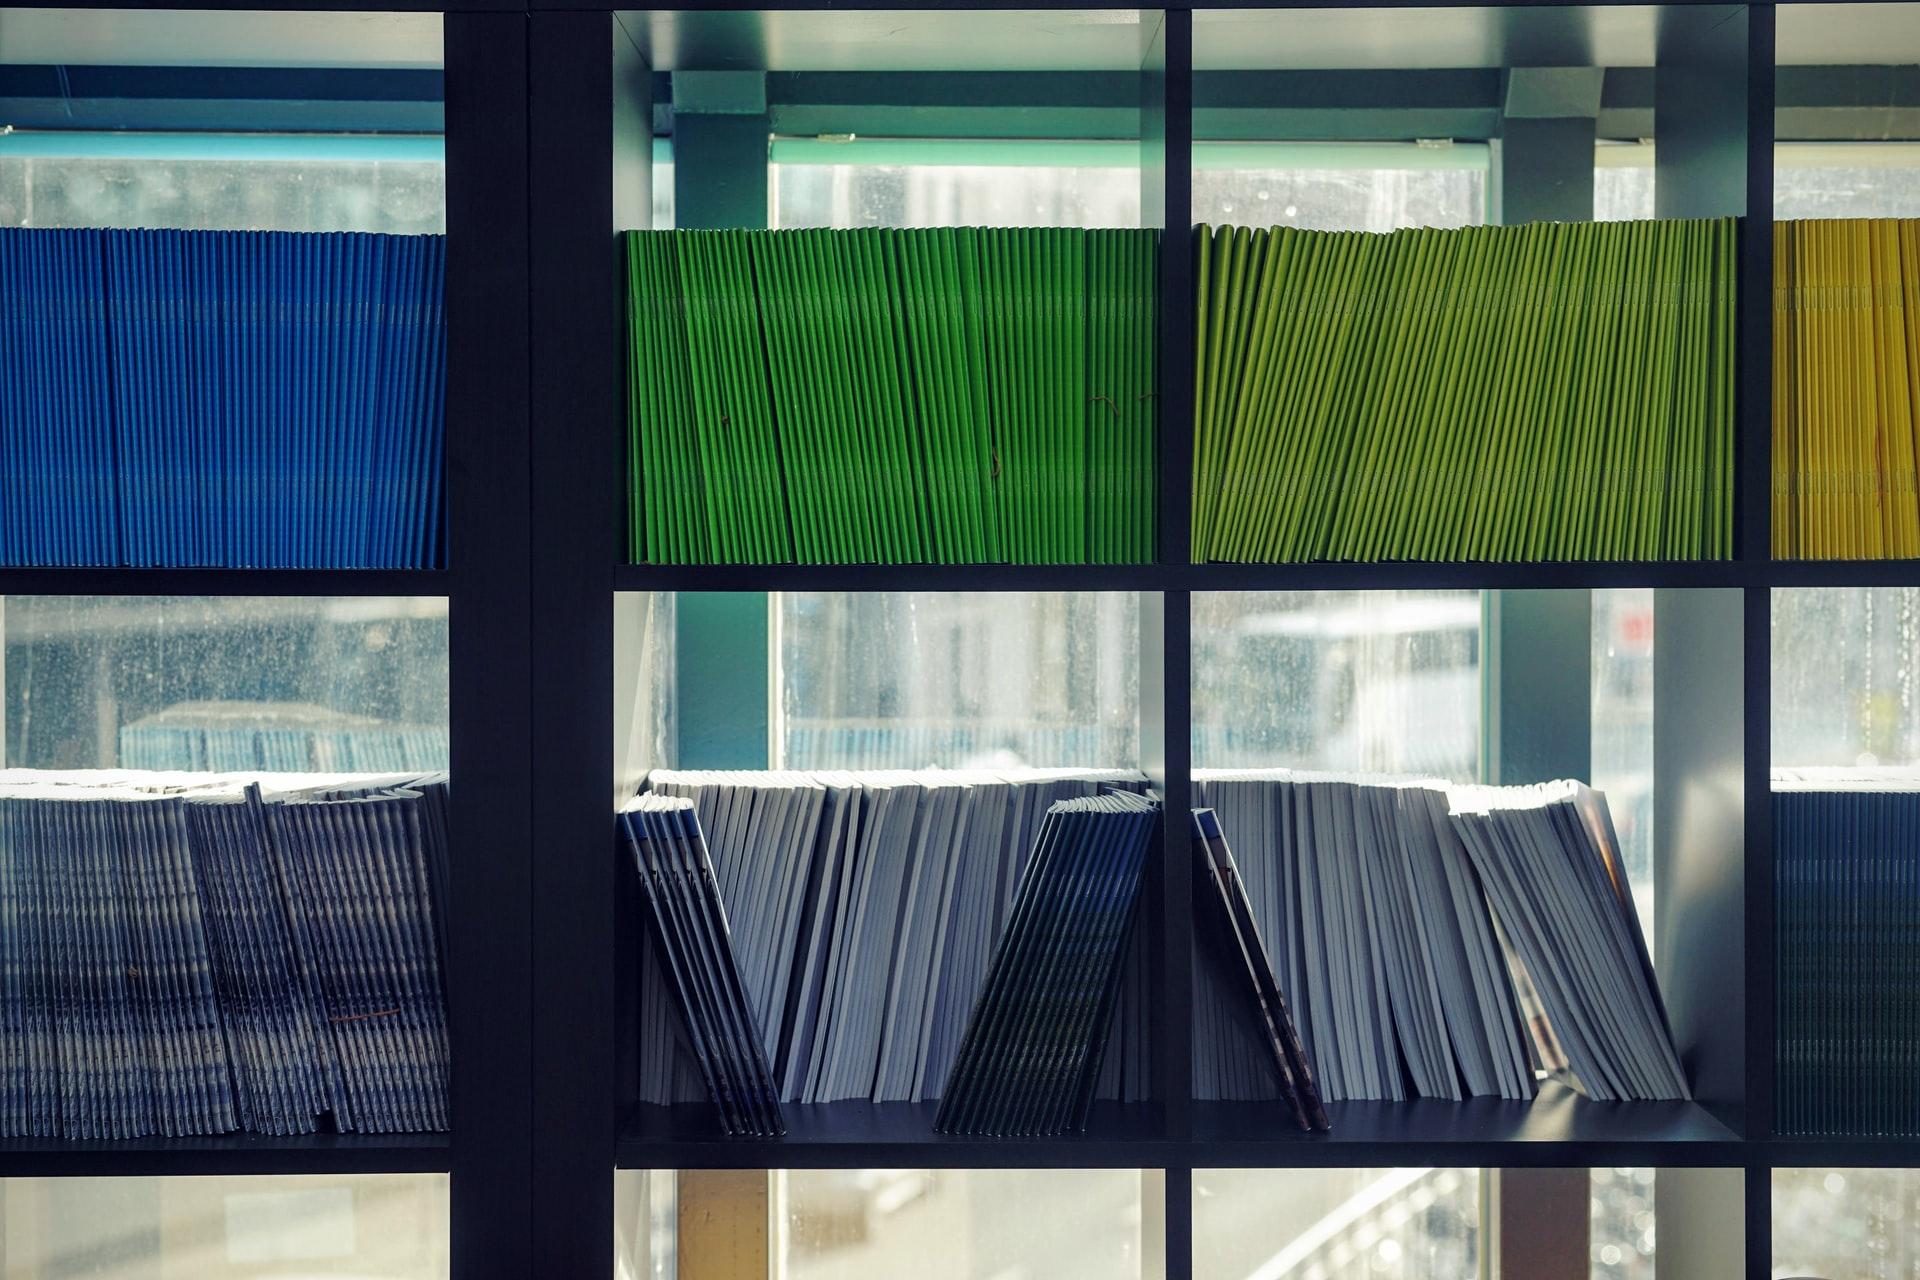 Kysy taloyhtiöstä: Mitä pitää muistaa välitystoimeksiantoon liittyvien asiakirjojen käsittelyssä ja säilyttämisessä?